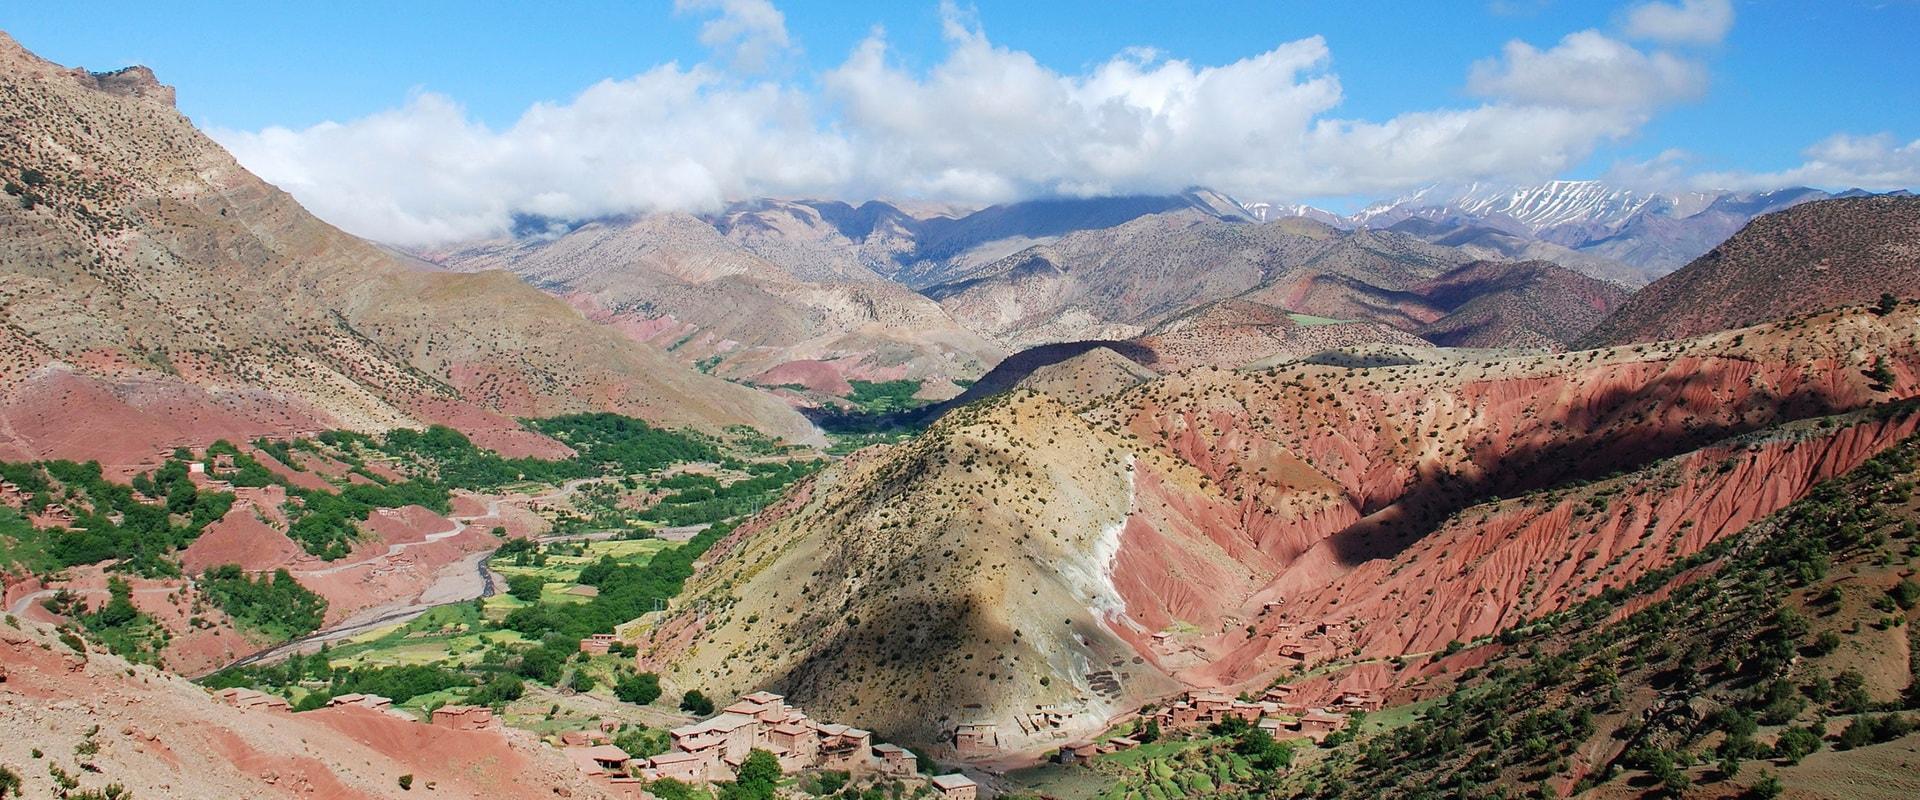 Voyages Expeditions Maroc - sejour en famille dans le haut atlas